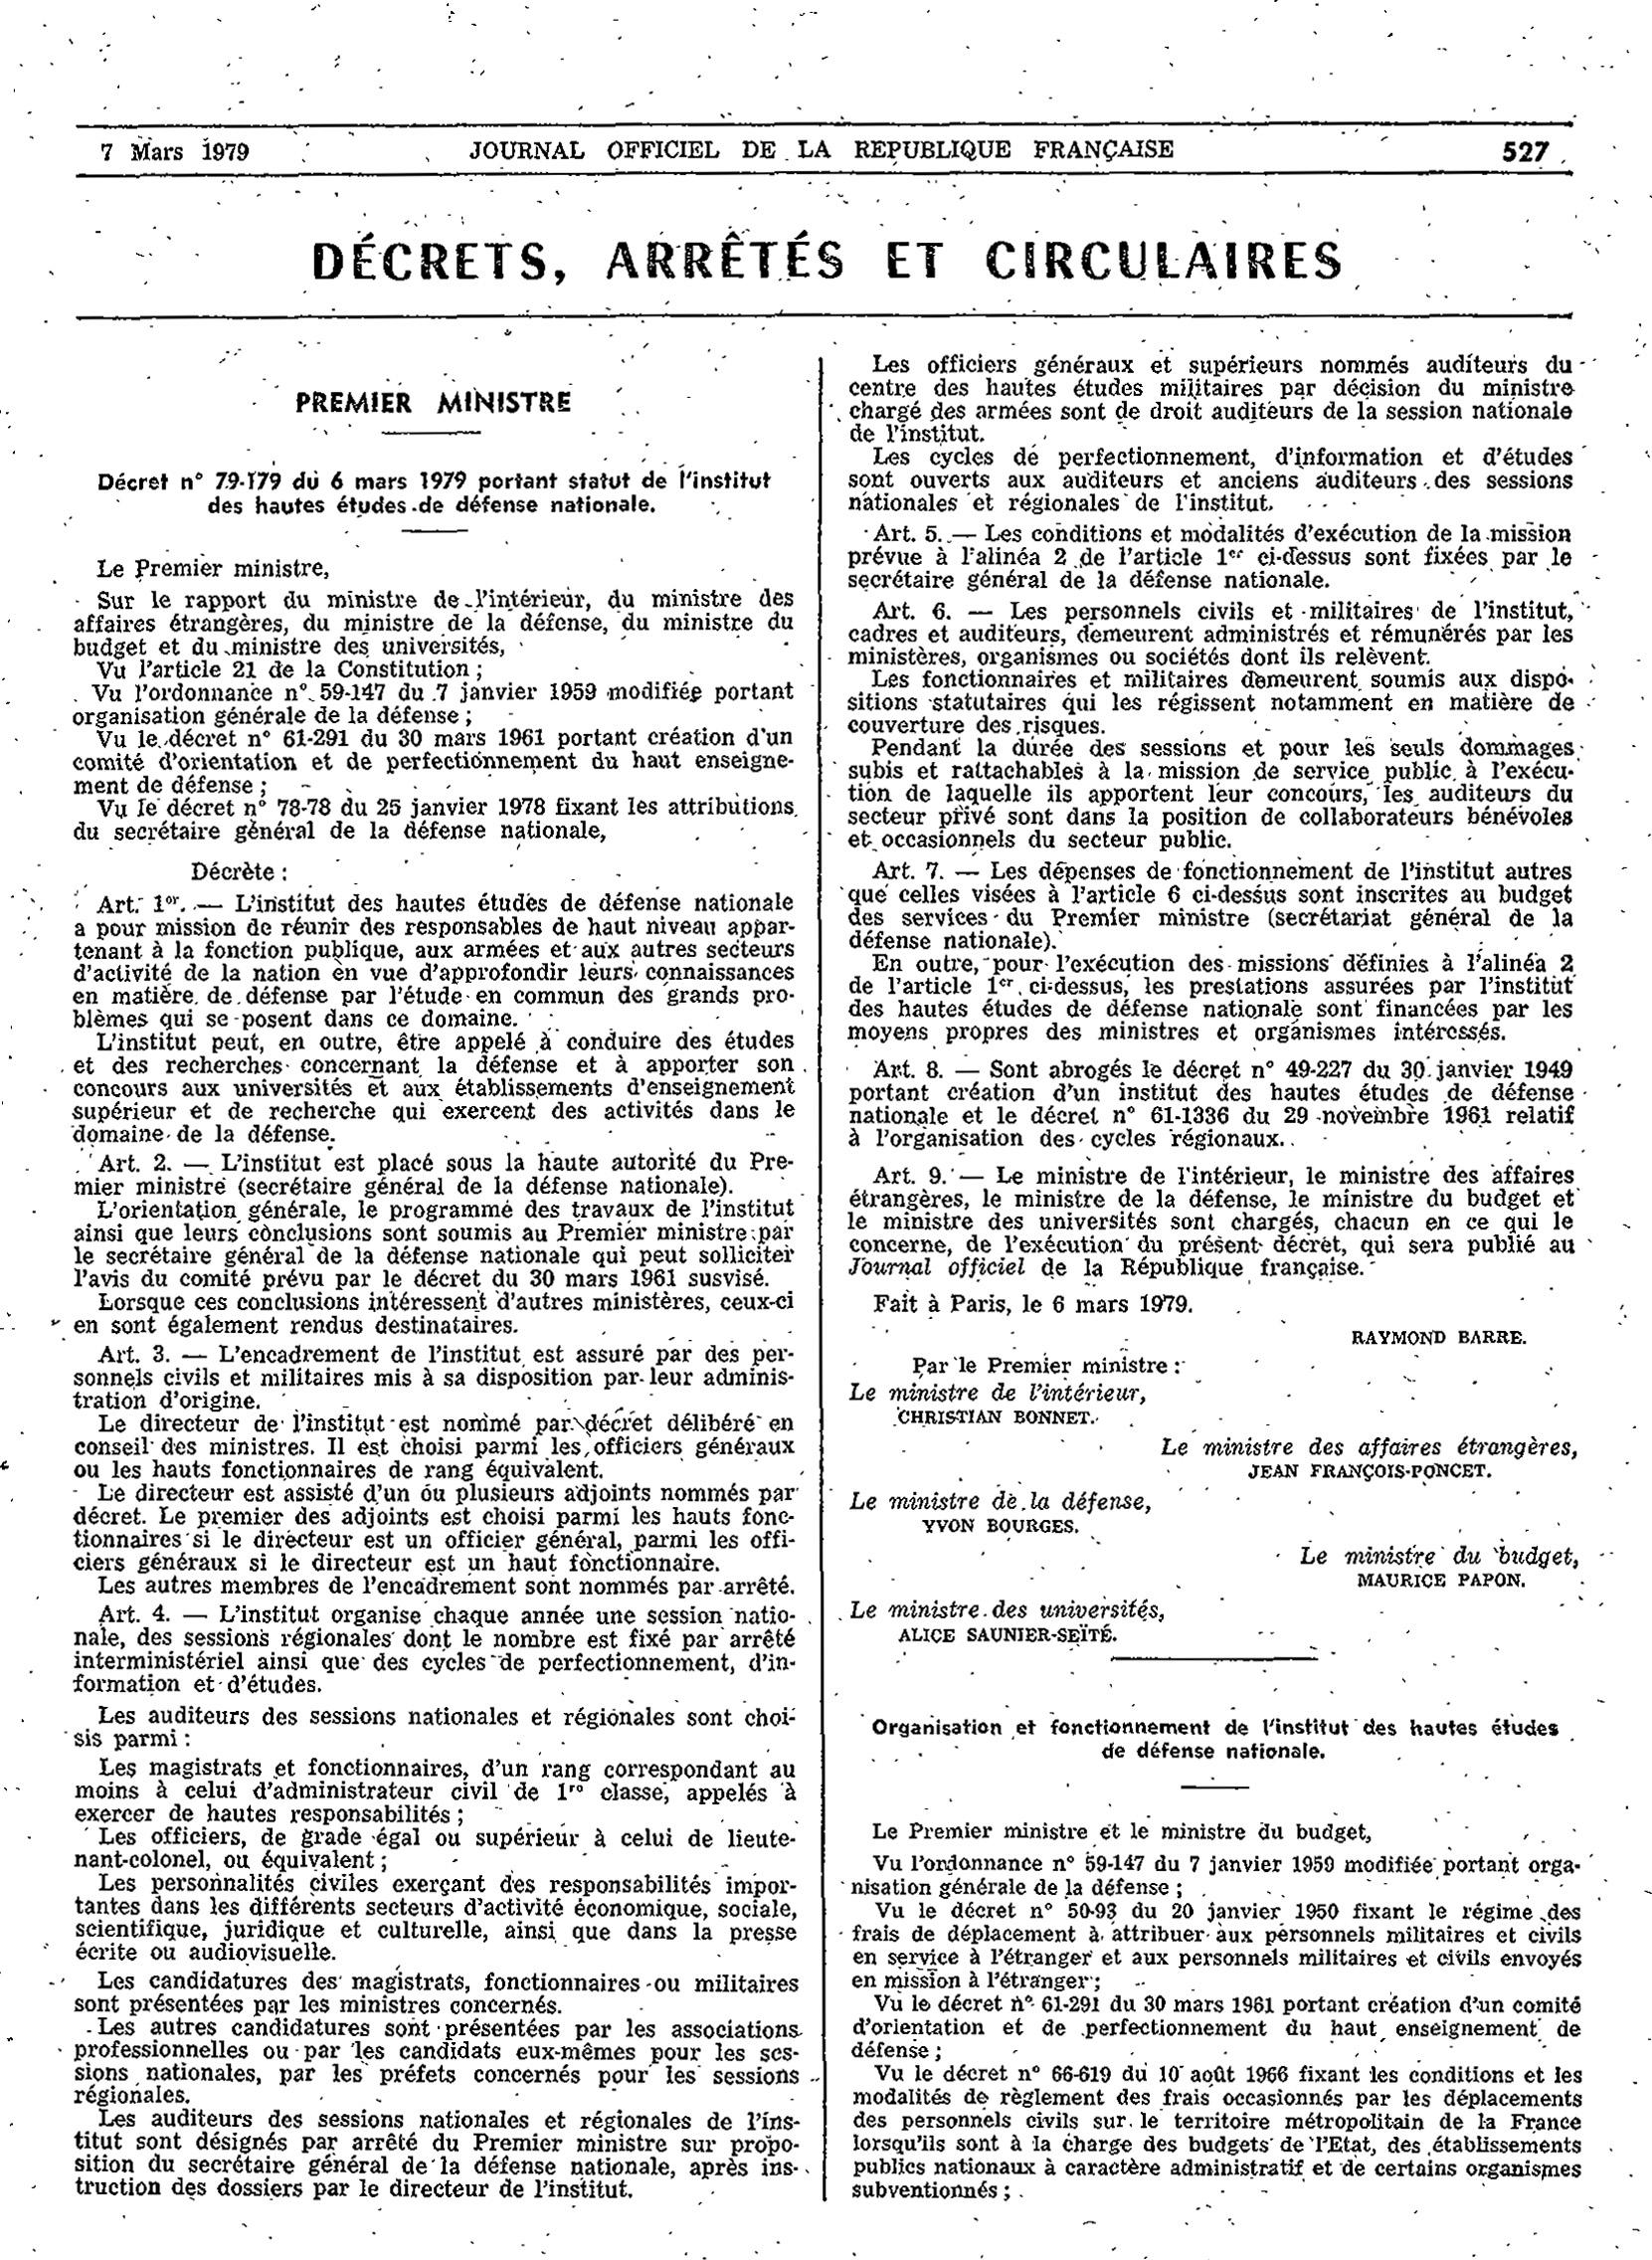 Décret n° 79-179 du 6 mars 1979 portant le statut de l'Institut des hautes études de défense nationale   